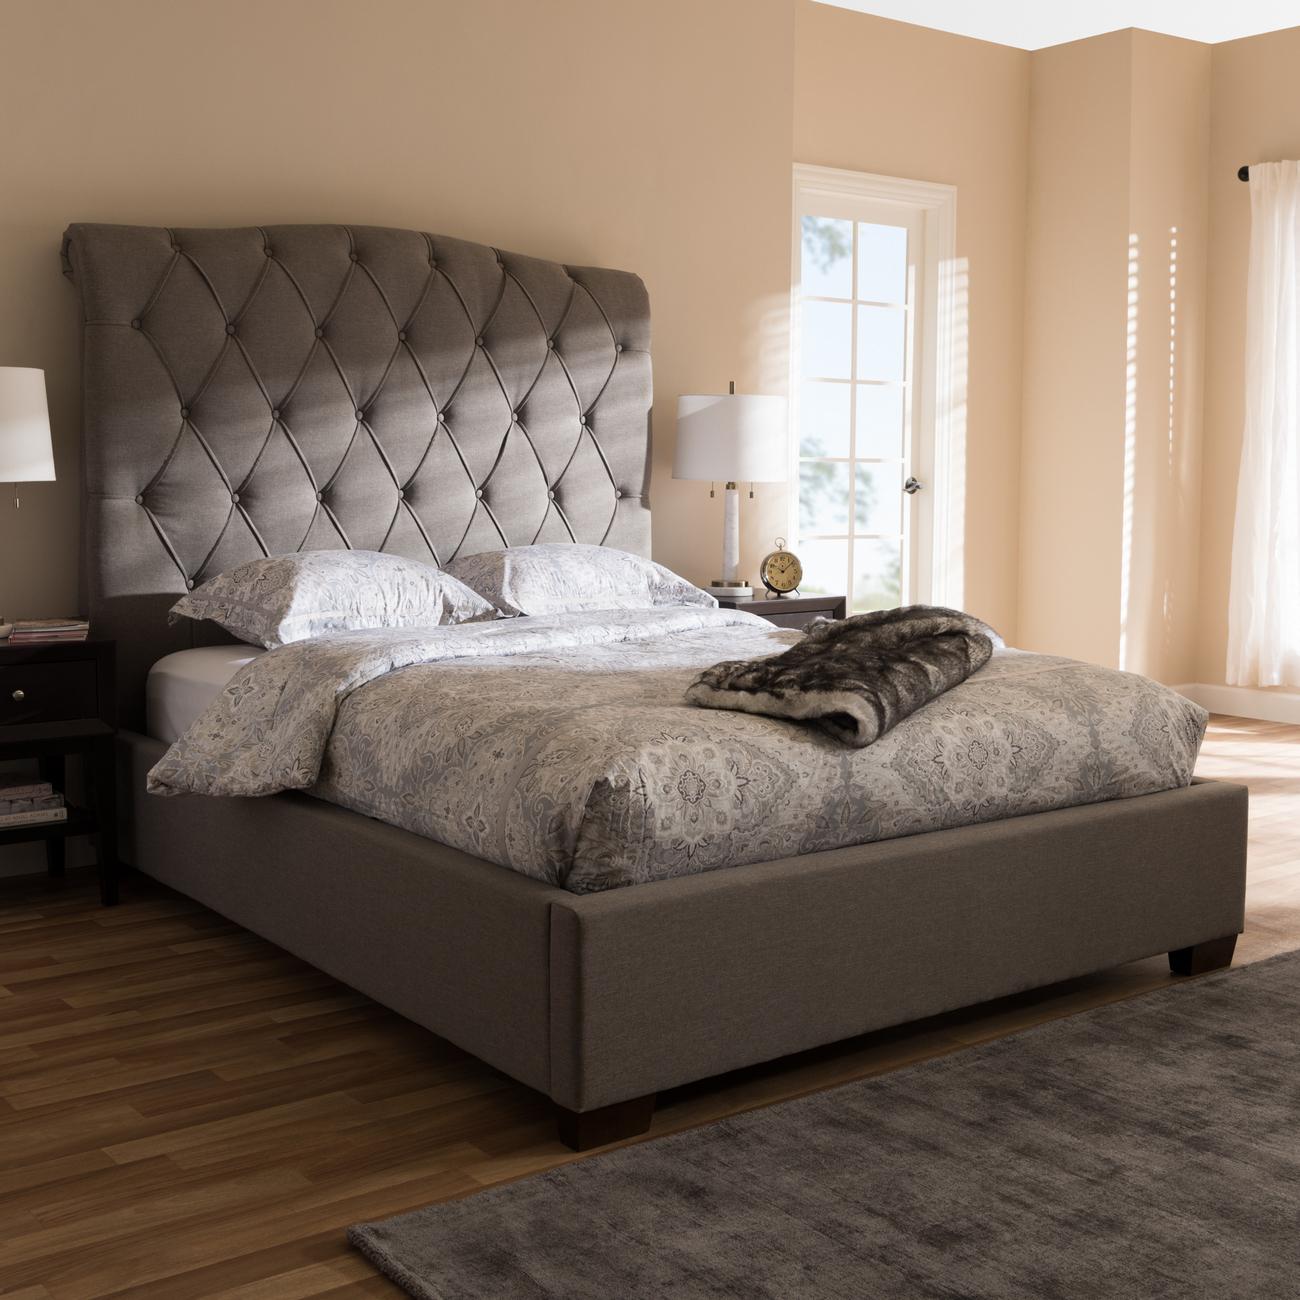 Wholesale Interiors Upholstered Platform Bed King